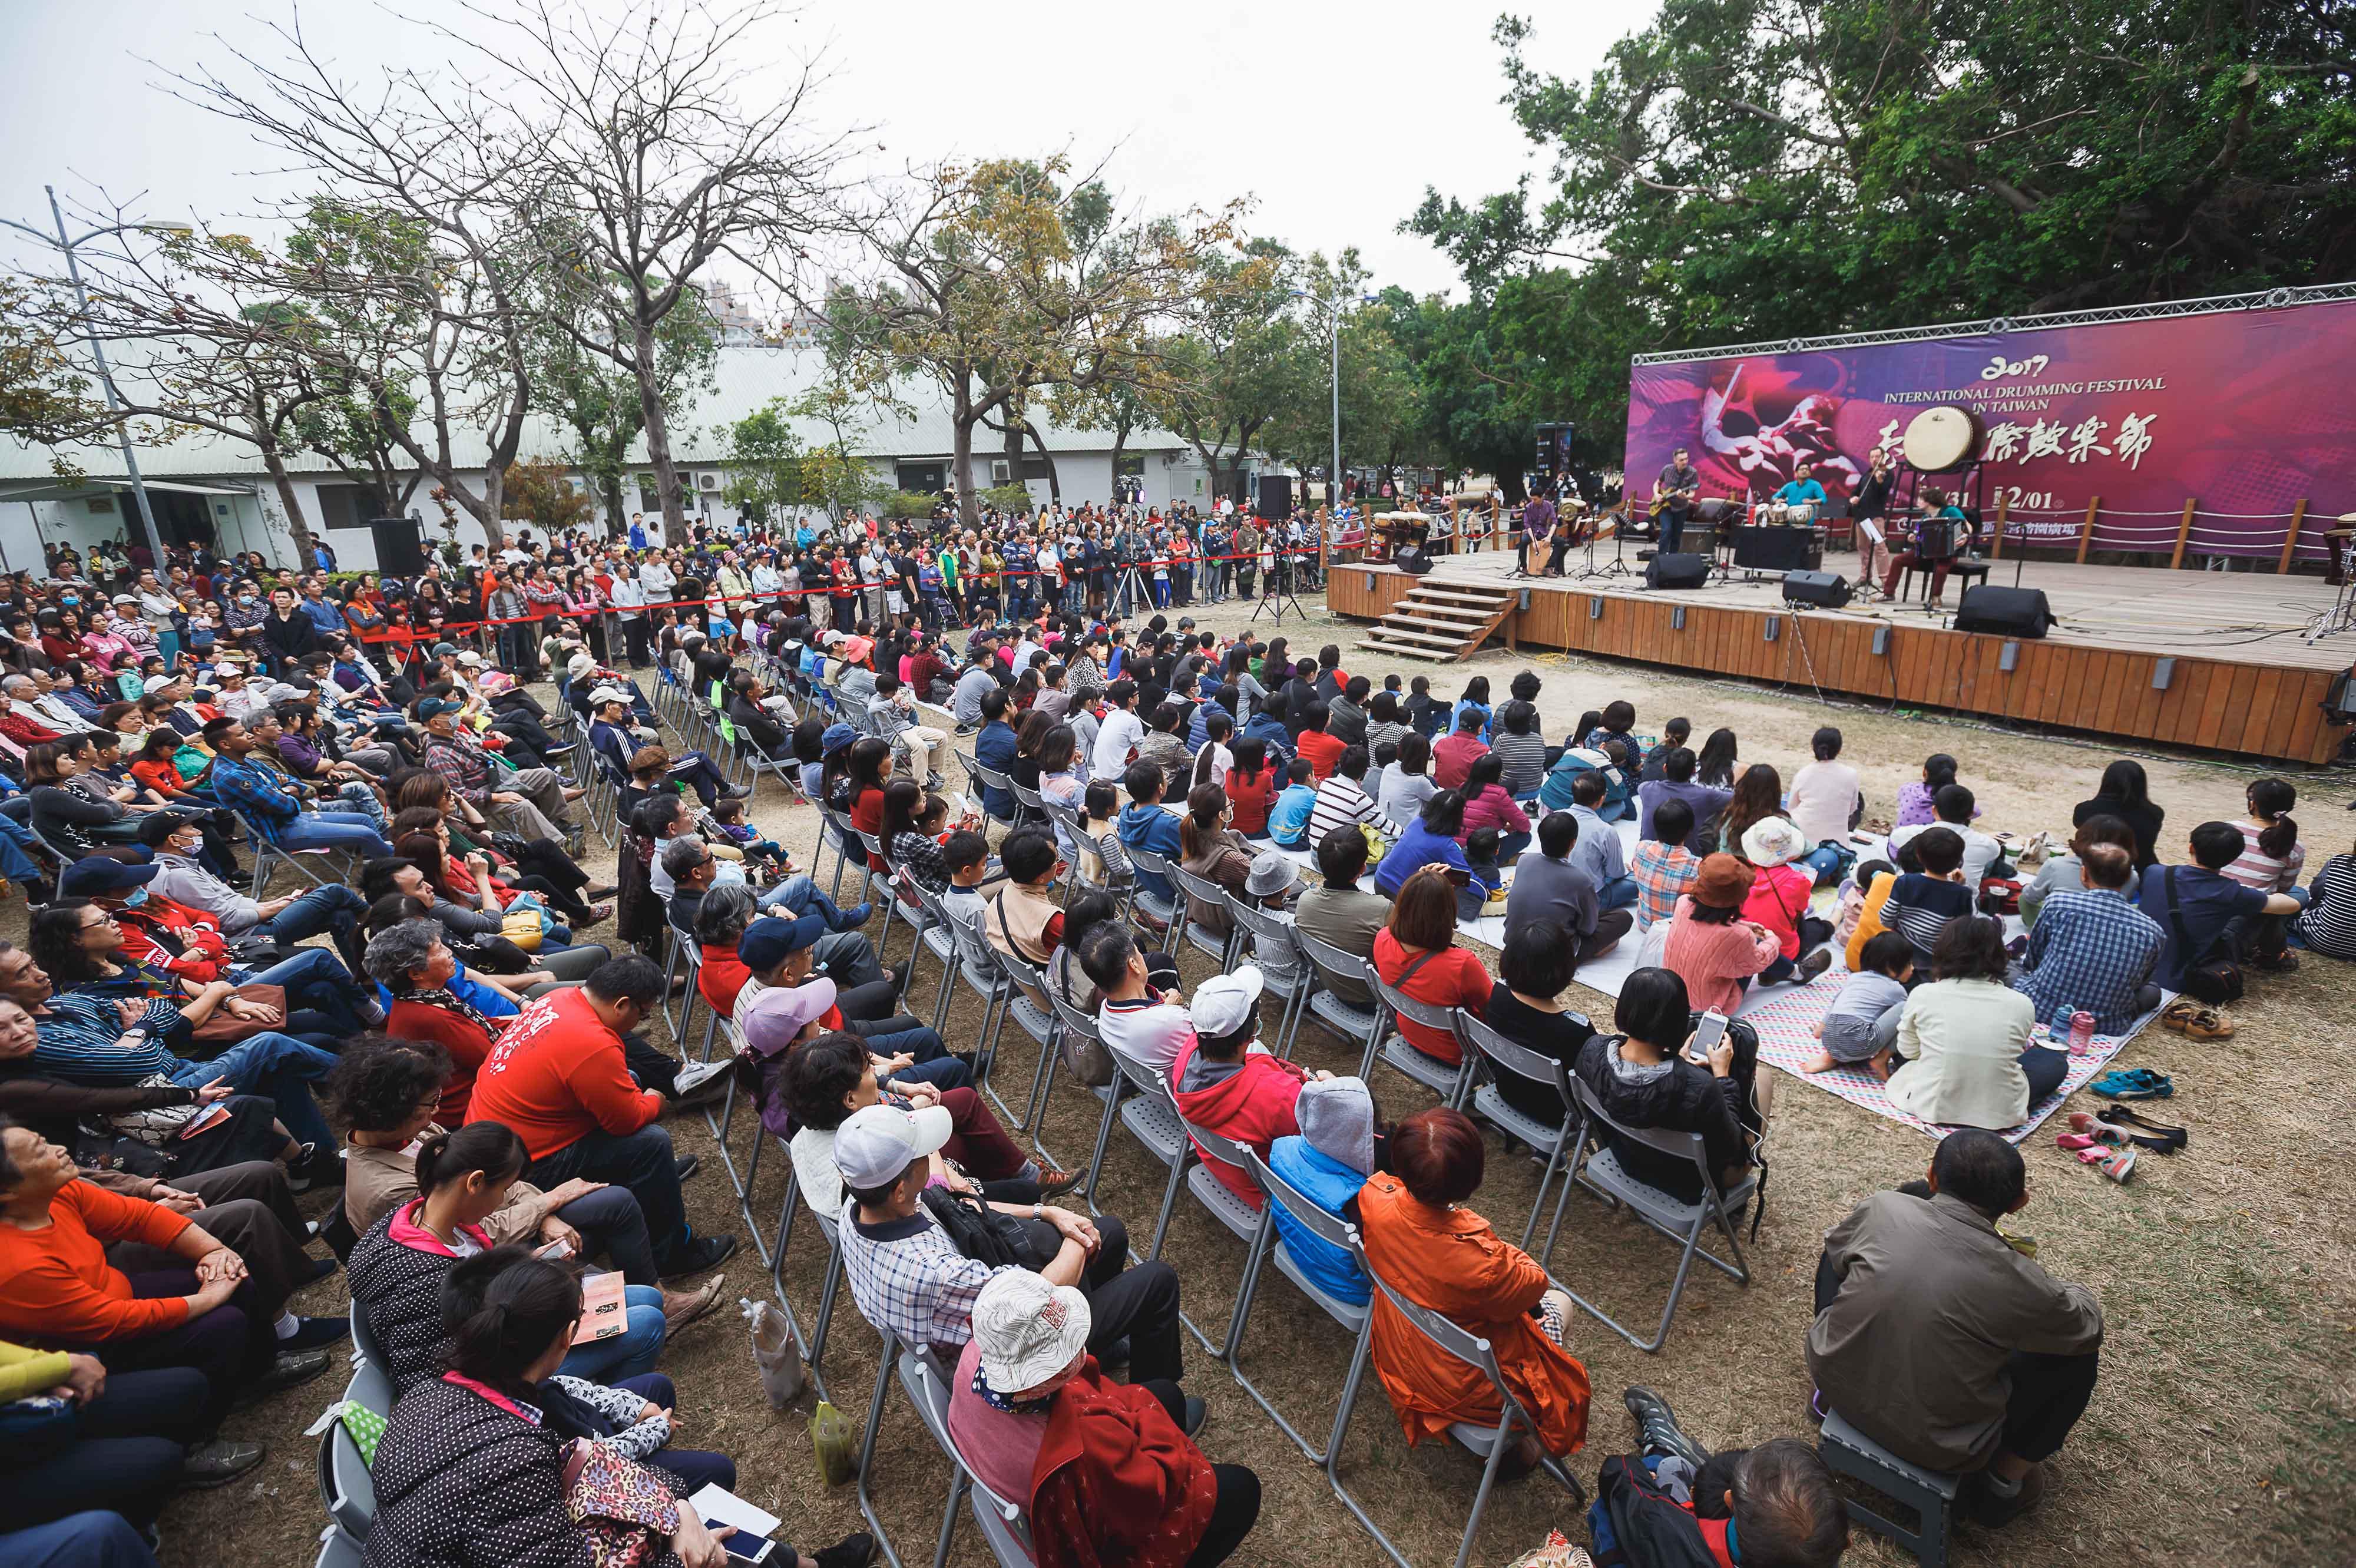 照片:臺灣國際鼓樂節群眾滿座看演出